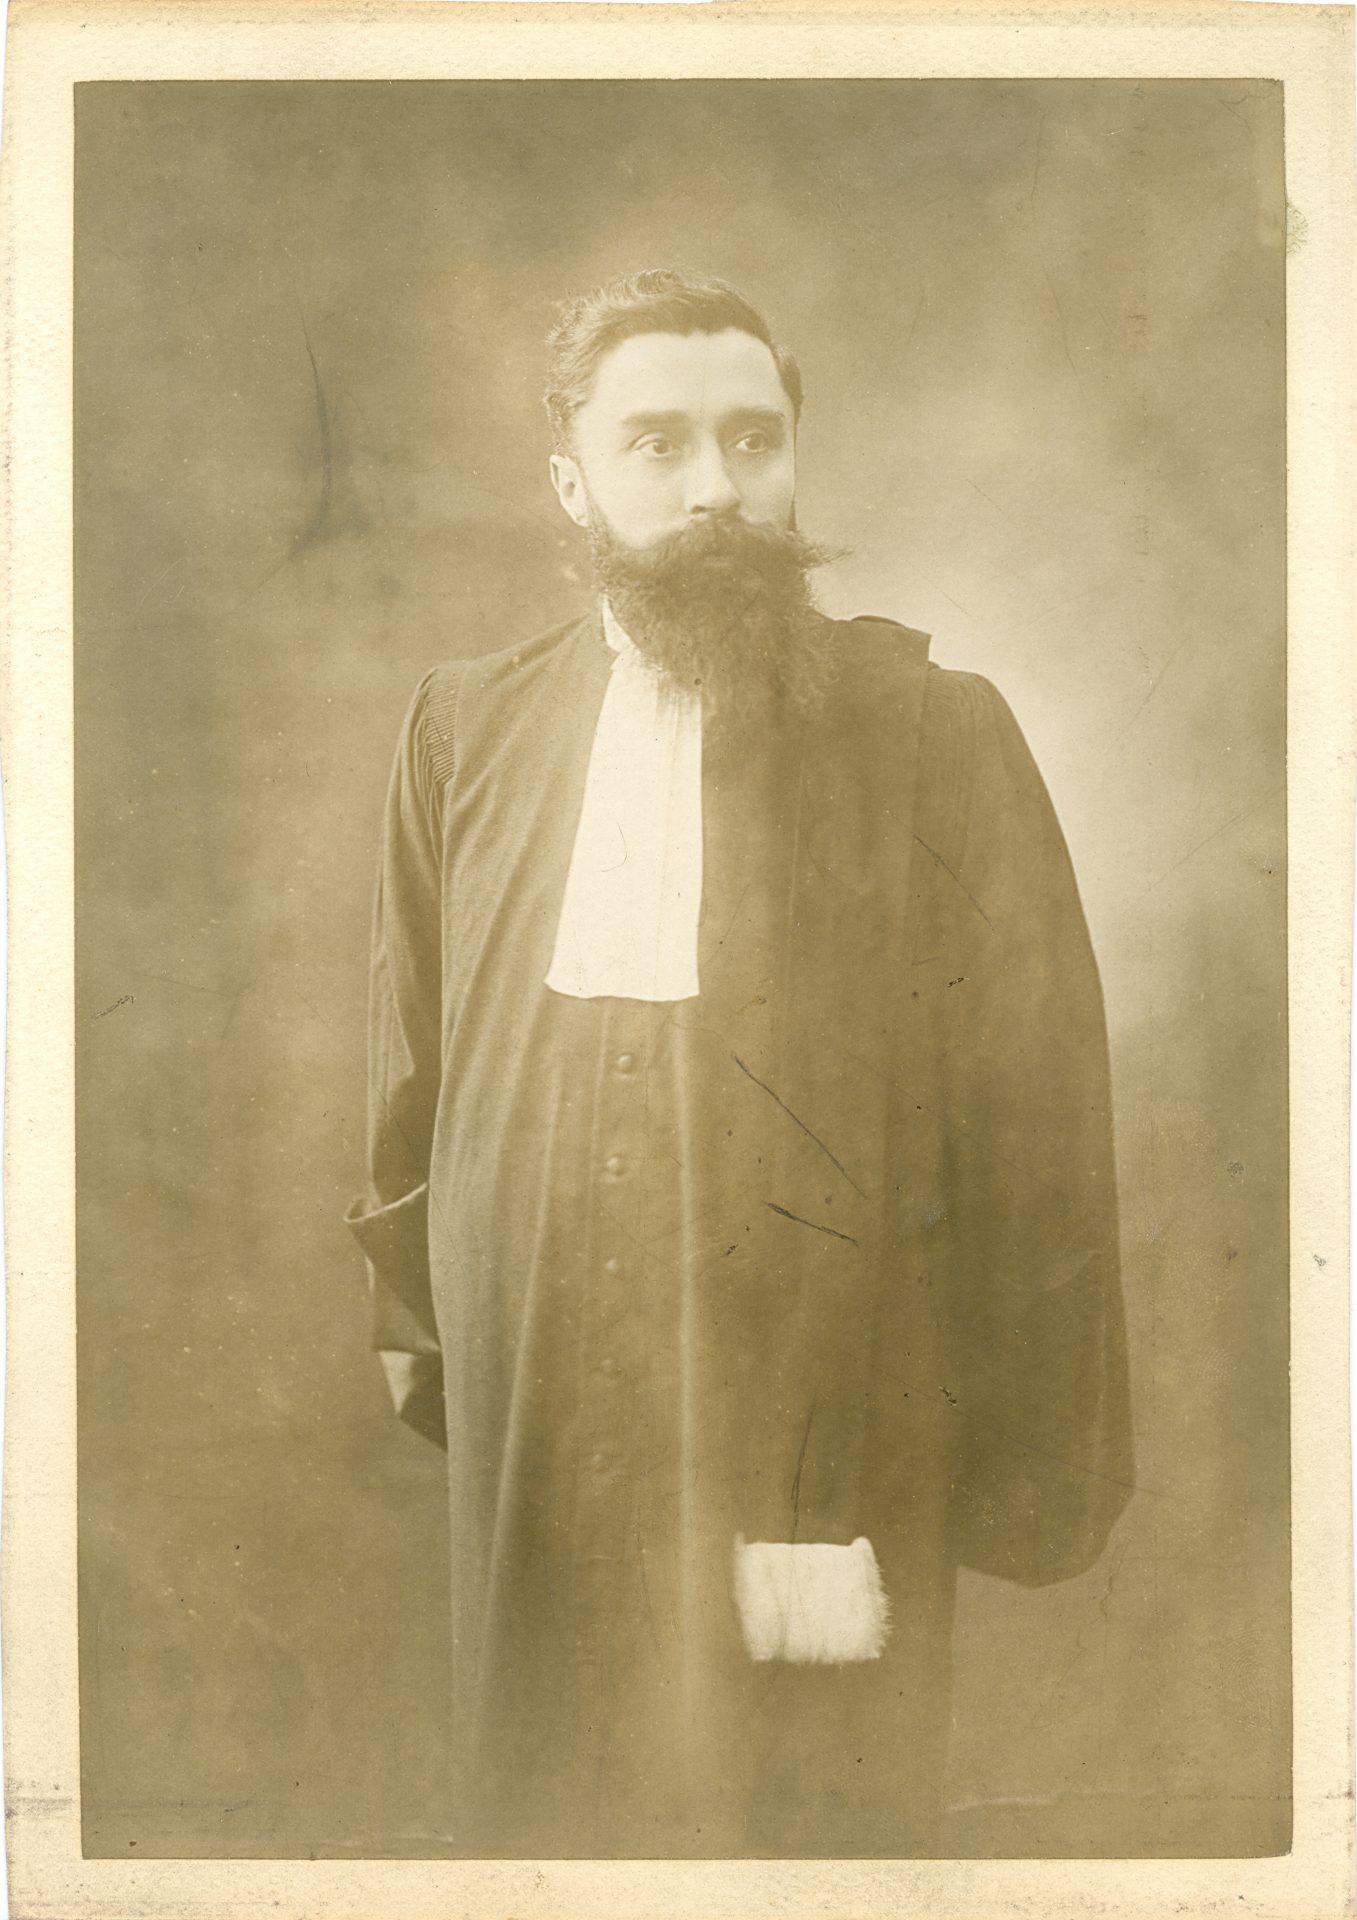 Portrait d'Alexandre Varenne, sans sa toque d'avocat. Crédit: Henri Manuel, Paris